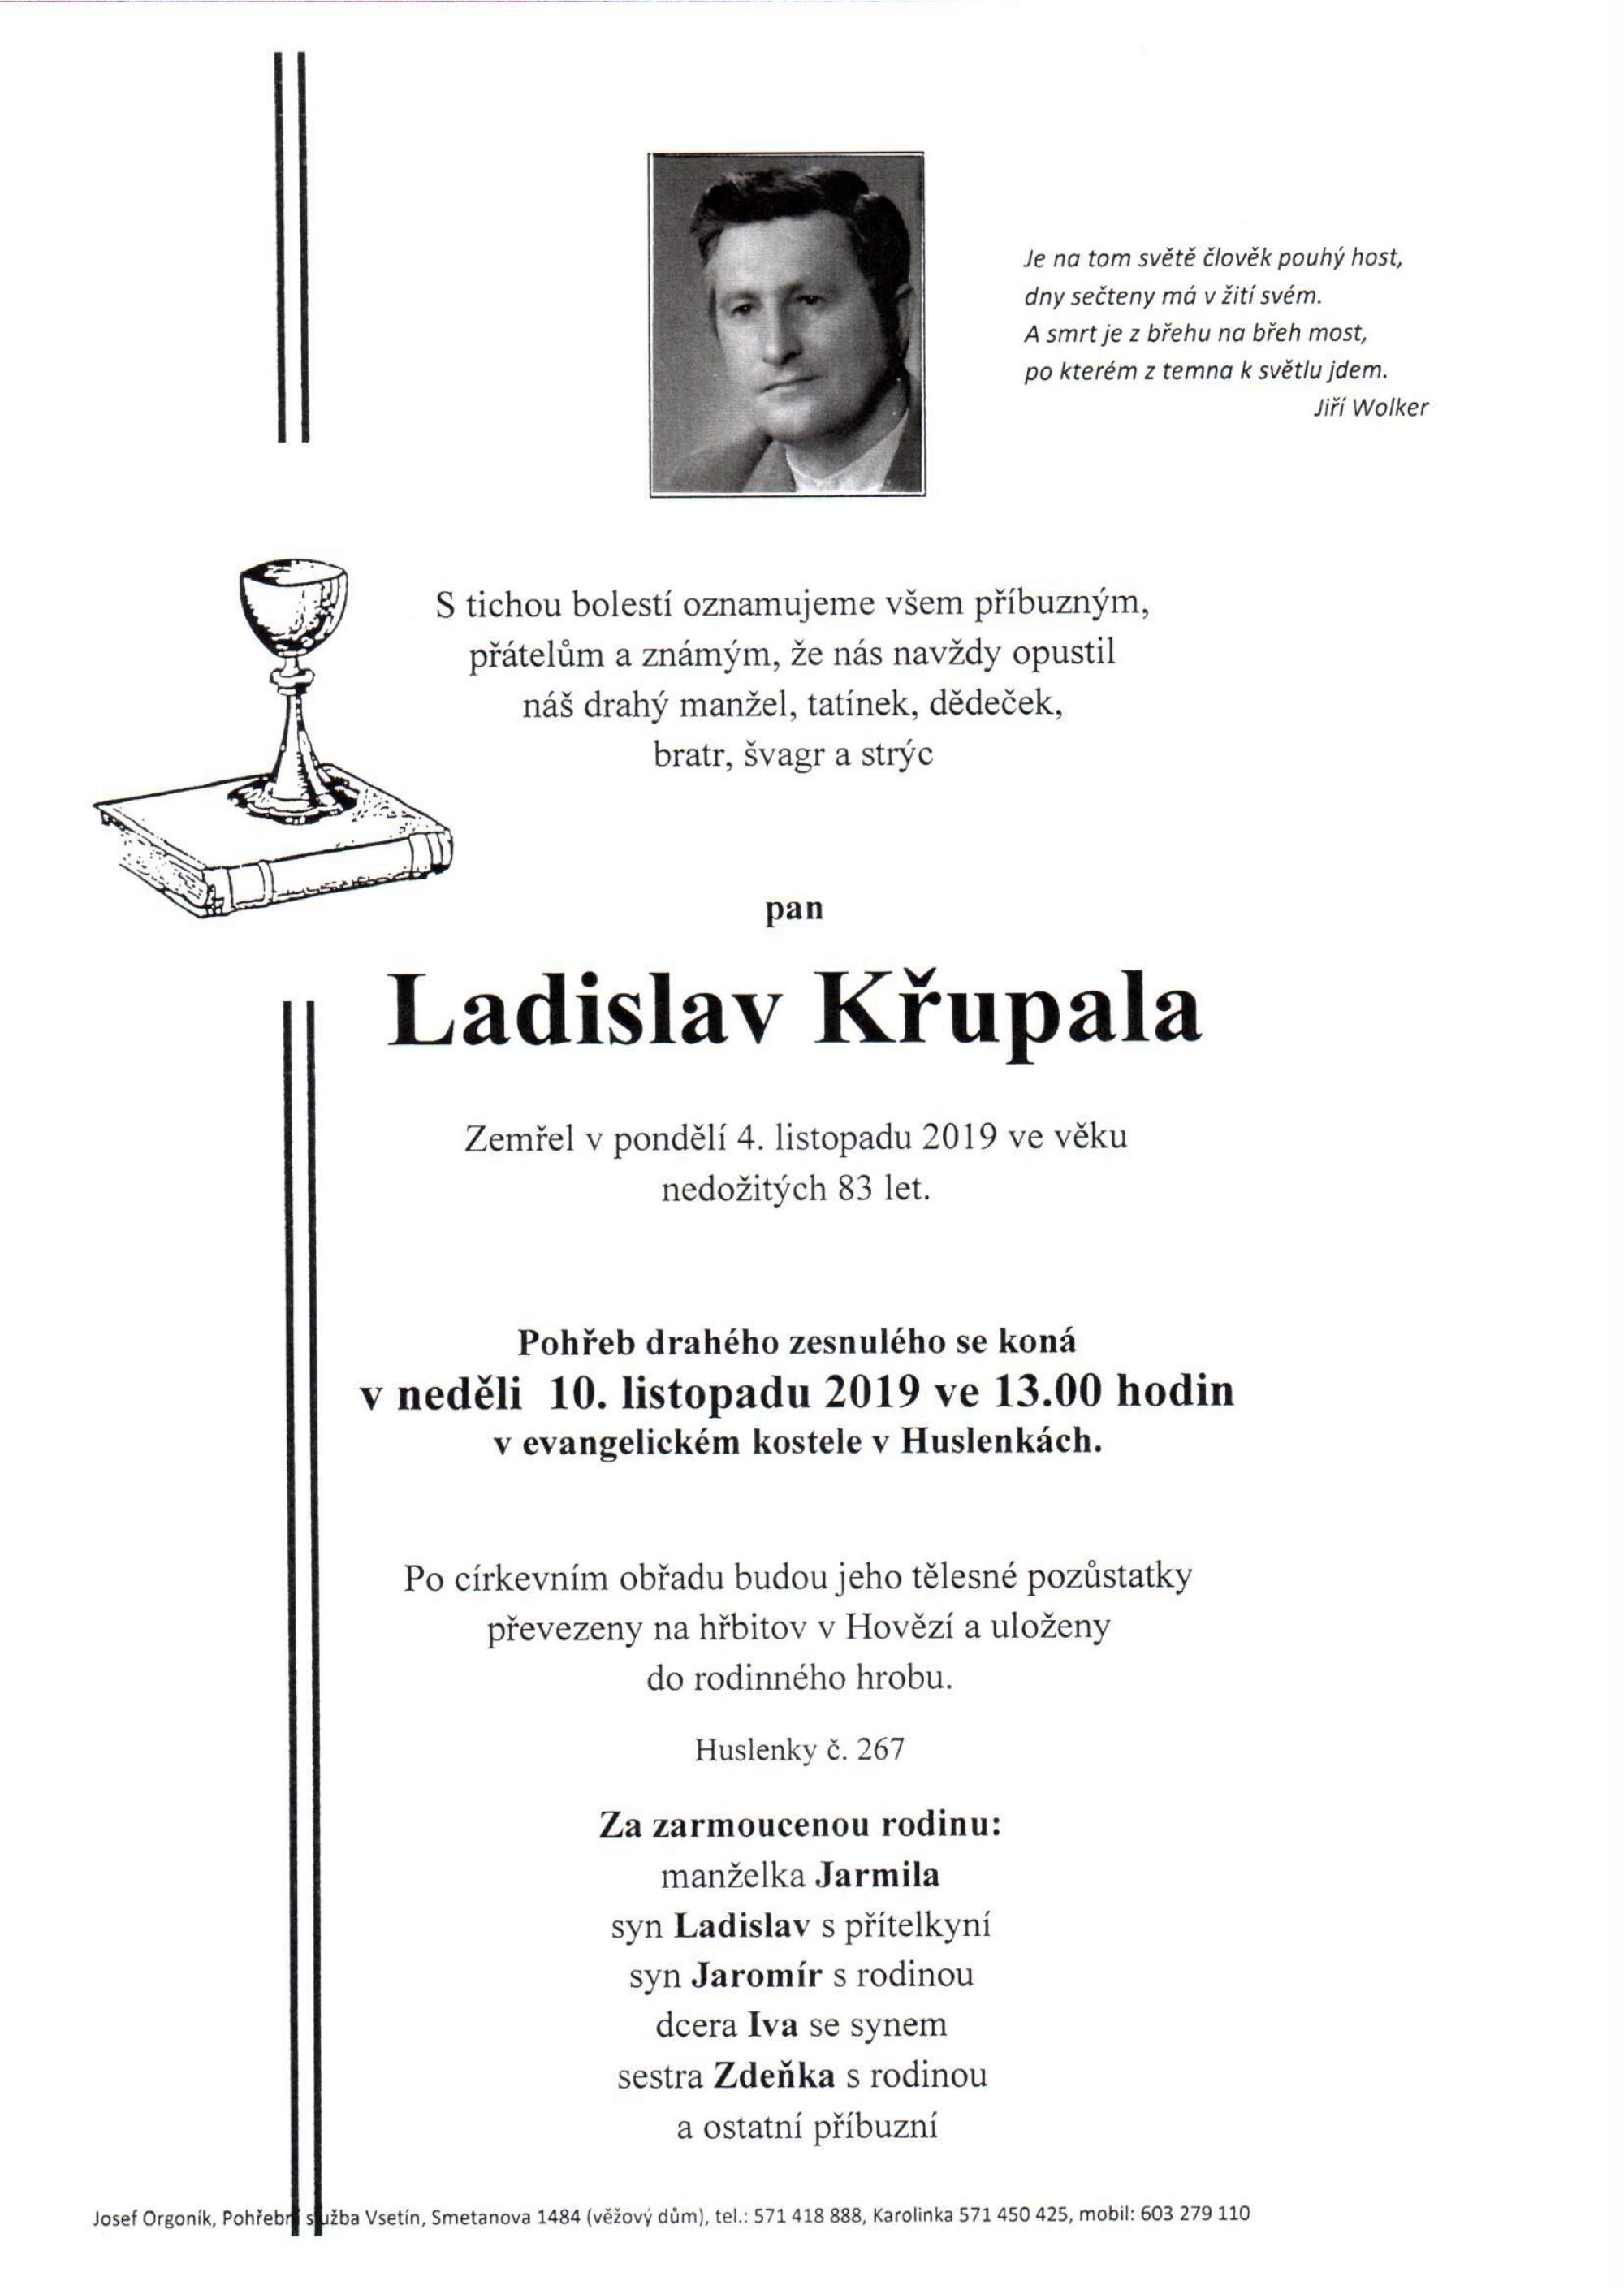 Ladislav Křupala